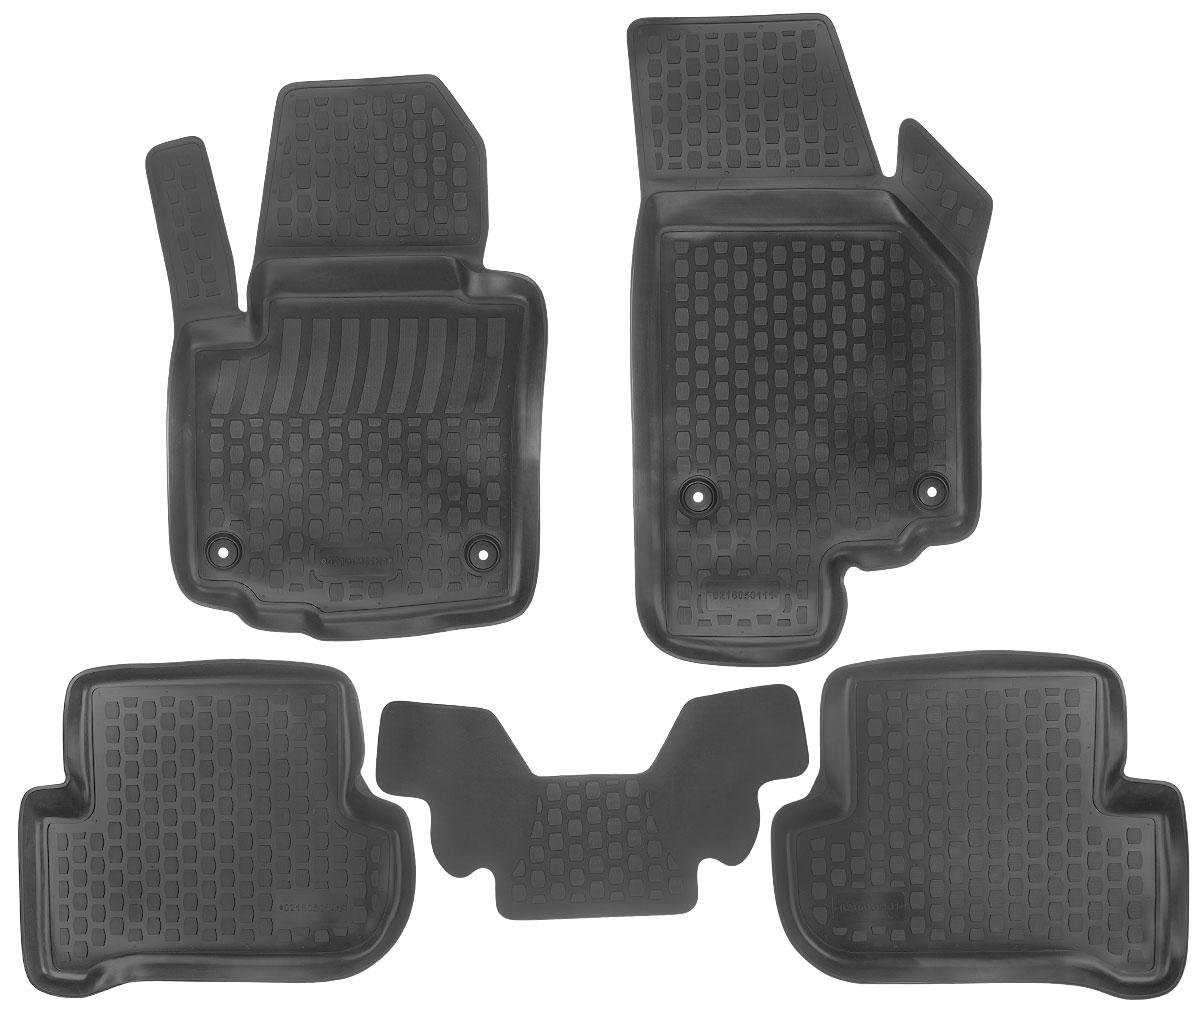 Набор автомобильных ковриков L.Locker Skoda Yeti 2009, в салон, 5 штWT-CD37Набор L.Locker Skoda Yeti 2009, изготовленный из полиуретана, состоит из 5ковриков,которые производятся индивидуально для каждой моделиавтомобиля. Изделие точно повторяет геометрию пола автомобиля, имеет высокийборт, обладает повышенной износоустойчивостью, лишено резкого запаха и сохраняет своипотребительские свойства в широком диапазоне температур от -50°С до +80°С.Комплектация: 5 шт.Размер ковриков: 59 см х 30 см; 76 см х 51 см; 56 см х 45 см; 56 см х 45 см; 88 см х 48 см.